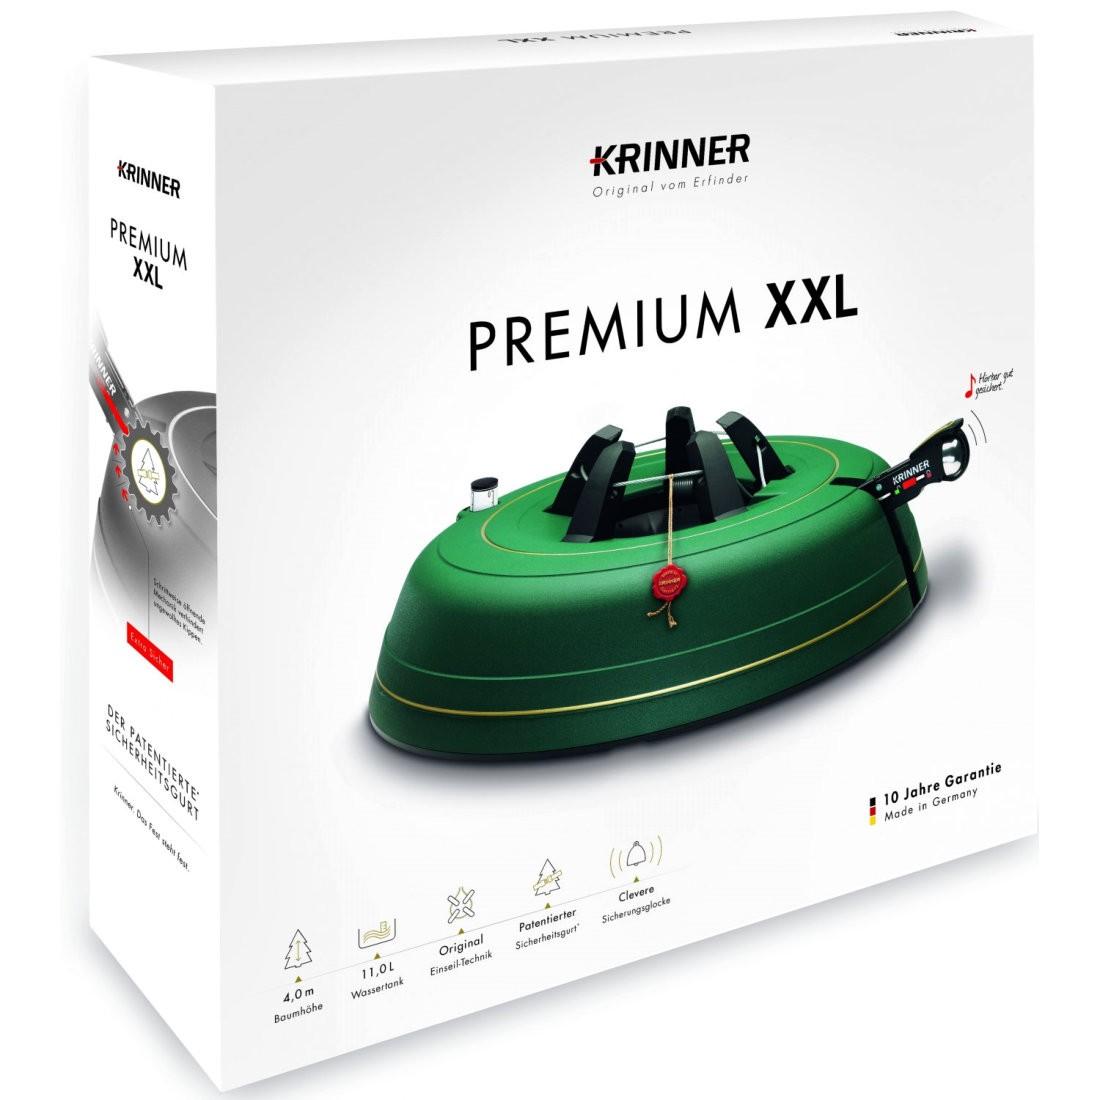 Krinner premium xxl christmas tree stand ft